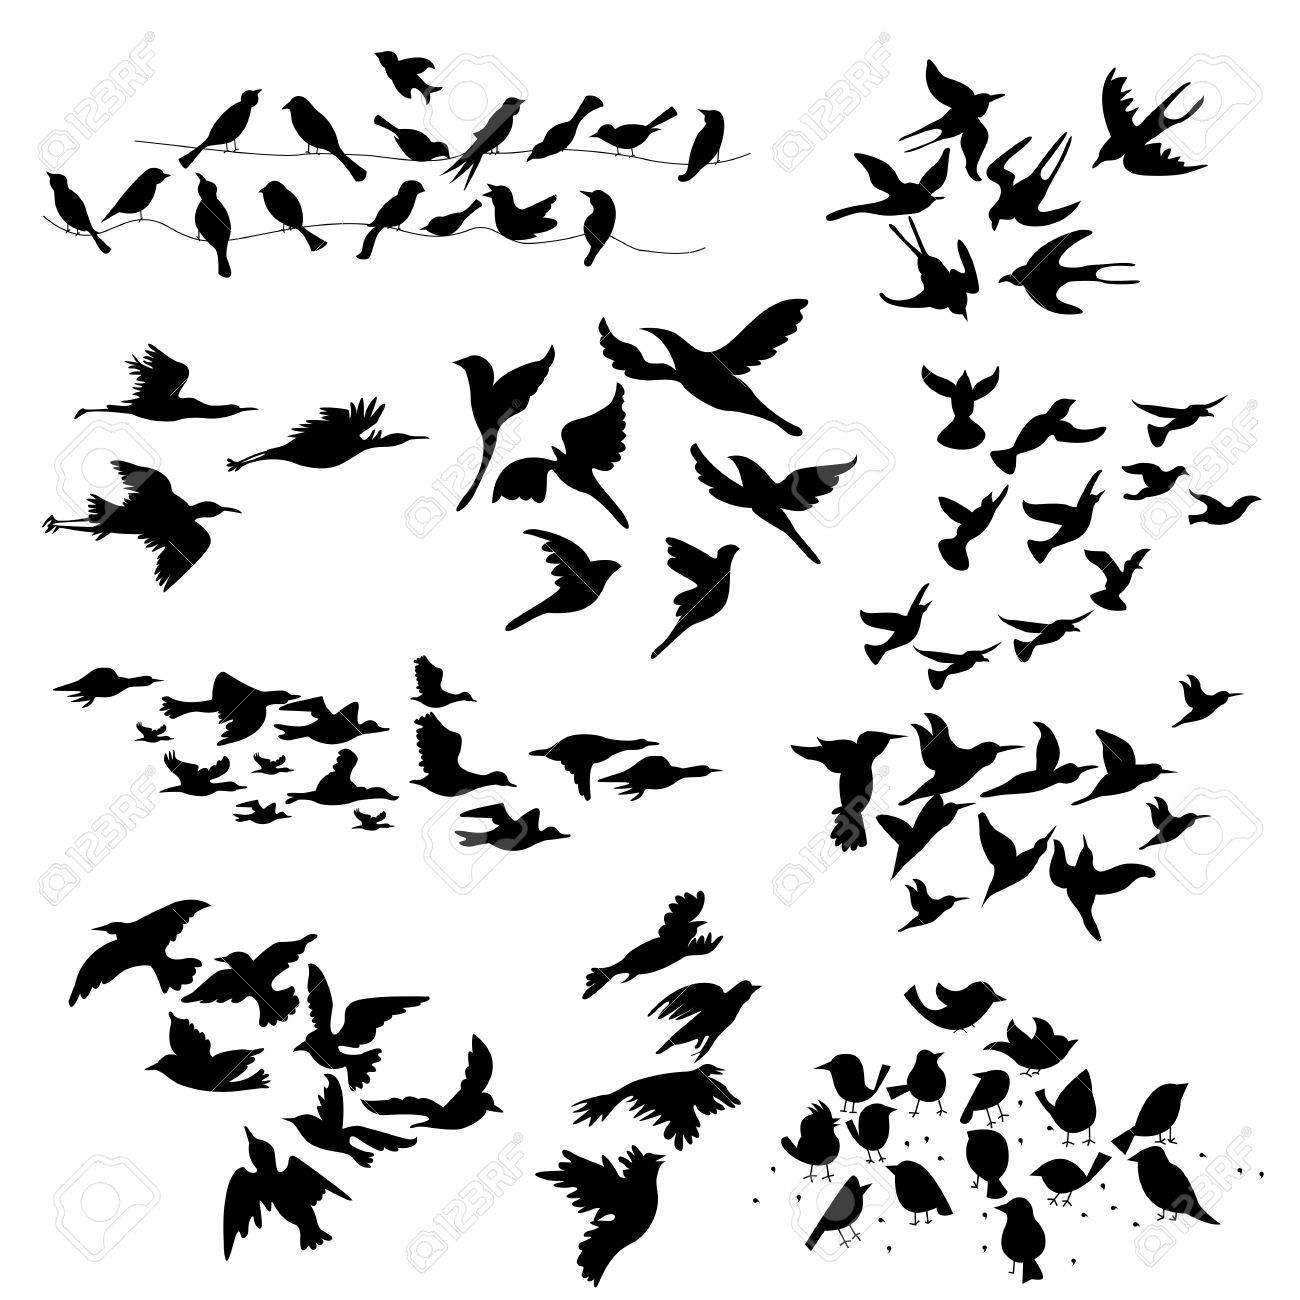 飛ぶ鳥のシルエットのイラスト